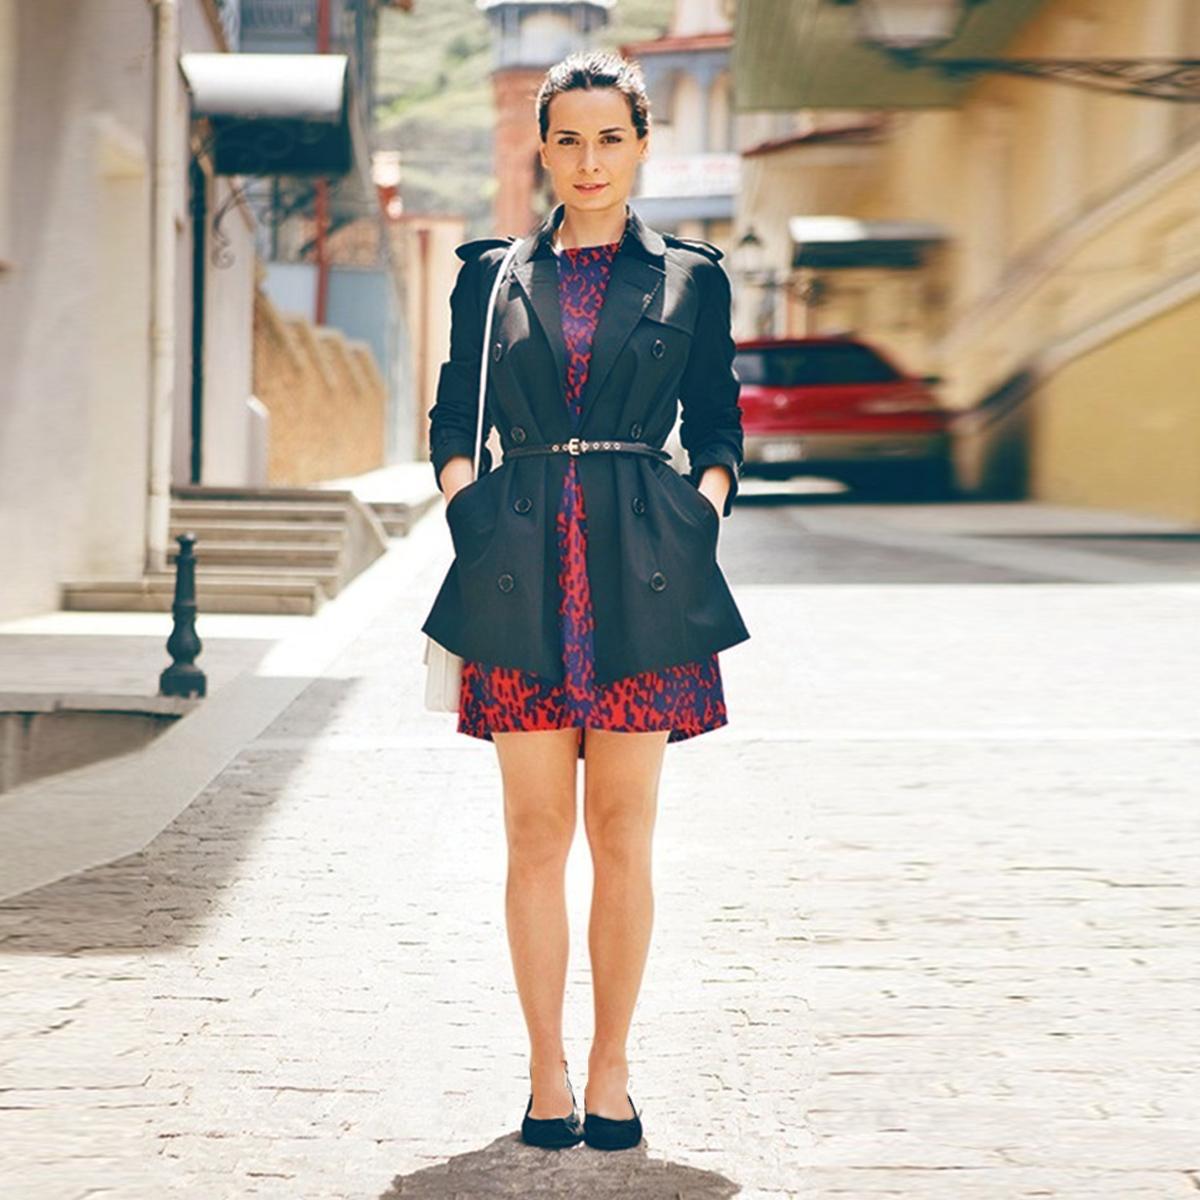 欧美经典英伦风秋季外套帅气百搭修身显瘦棉质防水双排扣短款风衣